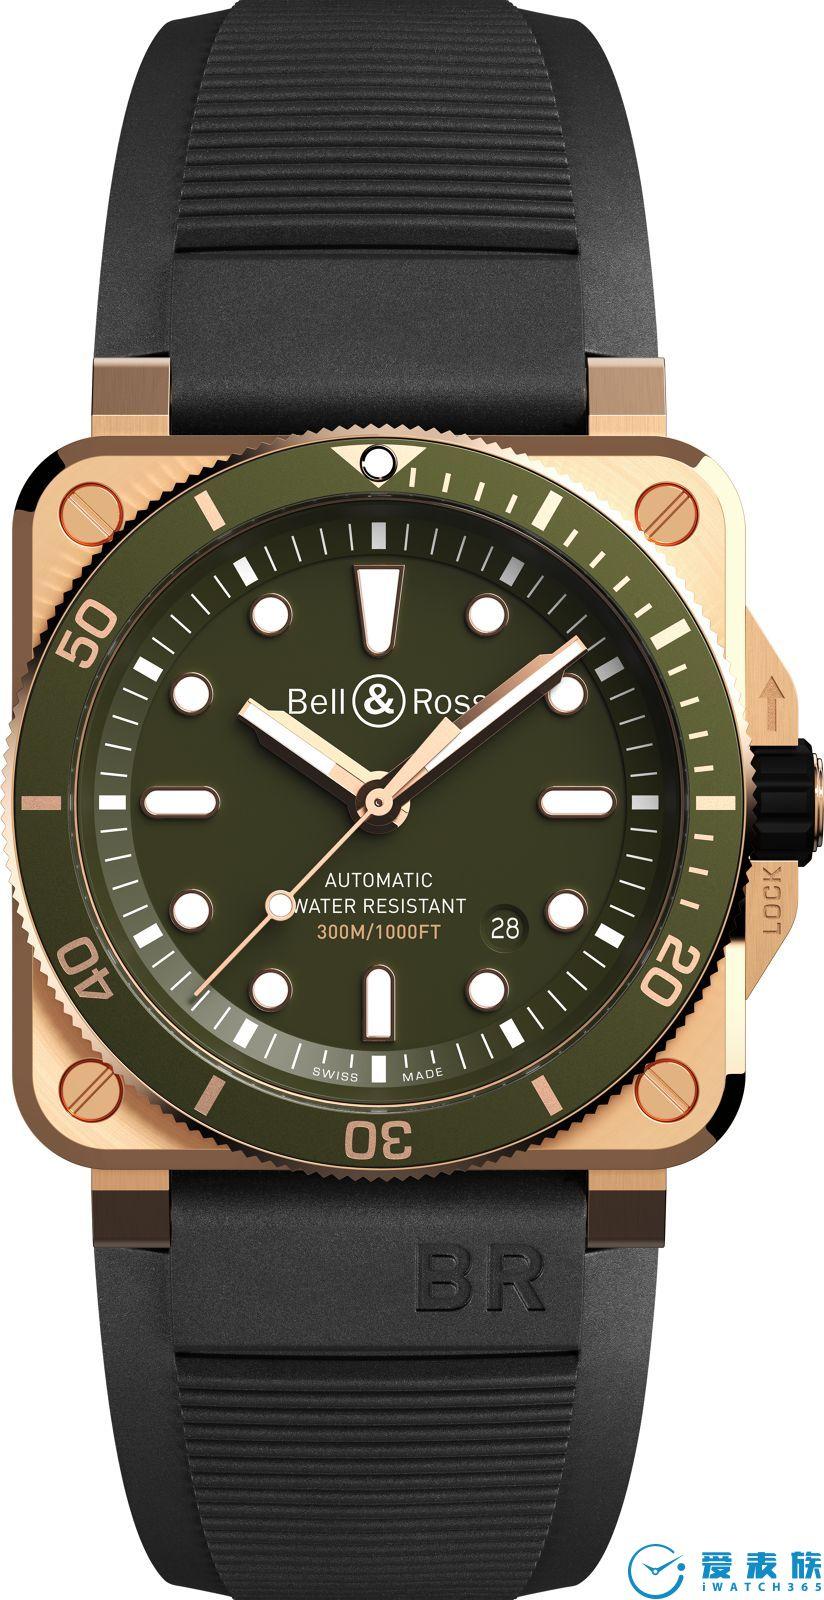 独一无二的 BR03-92 DIVER 绿色青铜版潜水腕表发布